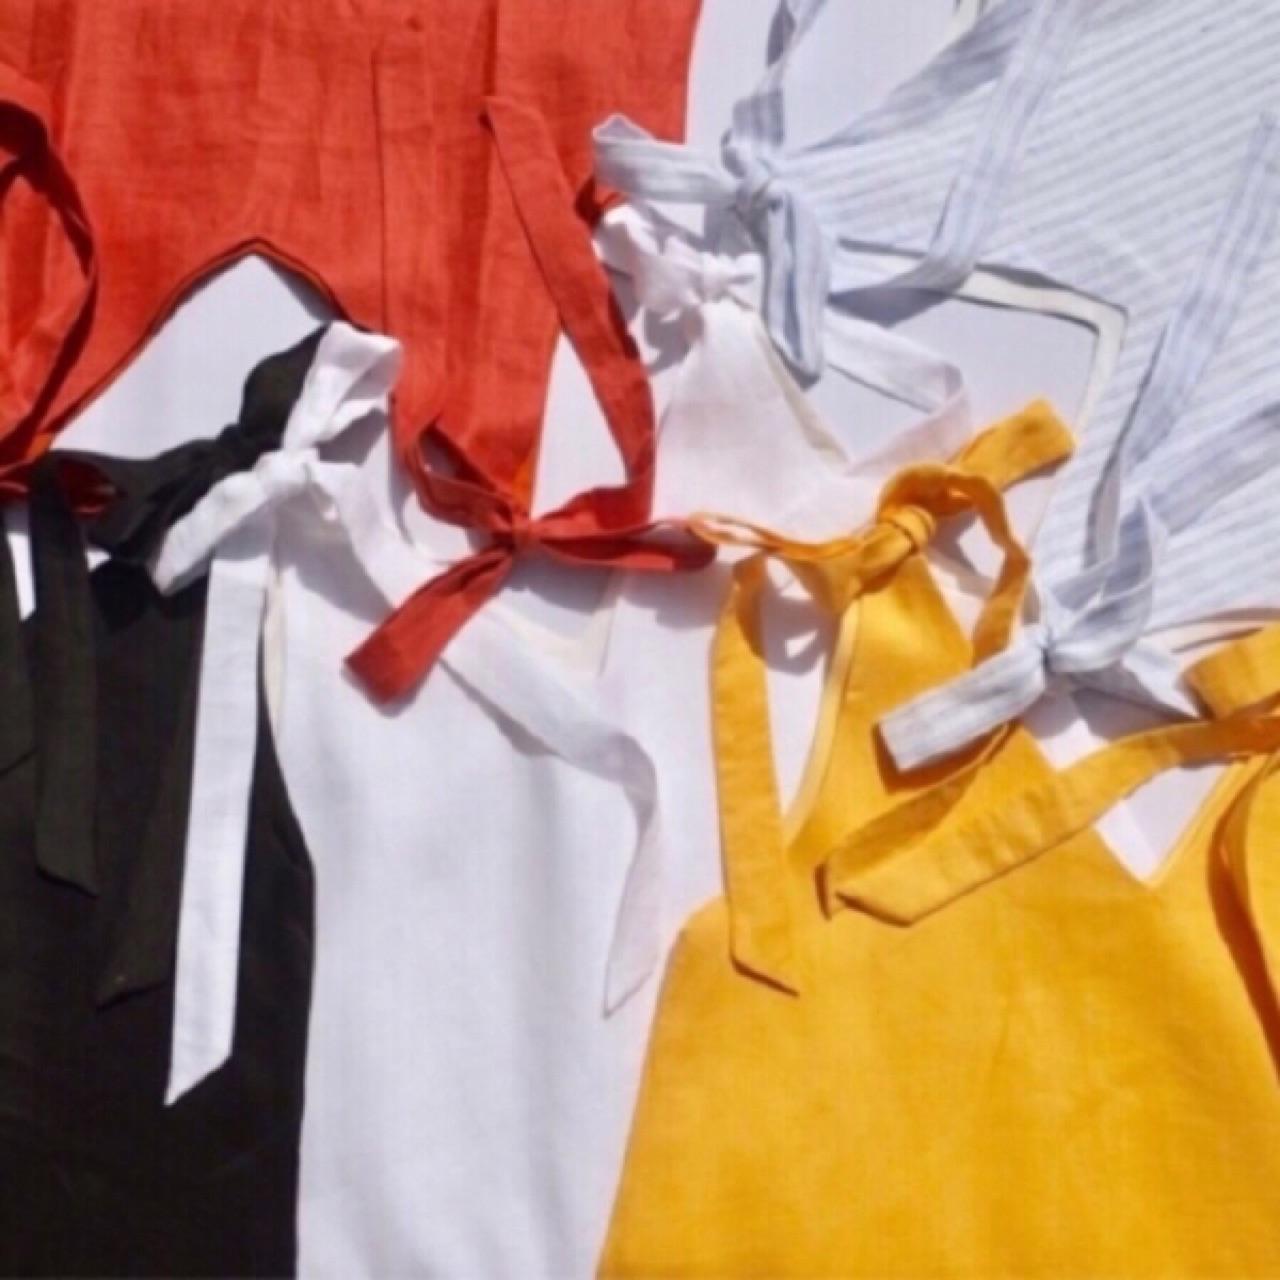 เสื้อผ้าผู้หญิง,เดรส,เดรสสั้น,มินิเดรส,เดรสสายเดี่ยว,สายเดี่ยว